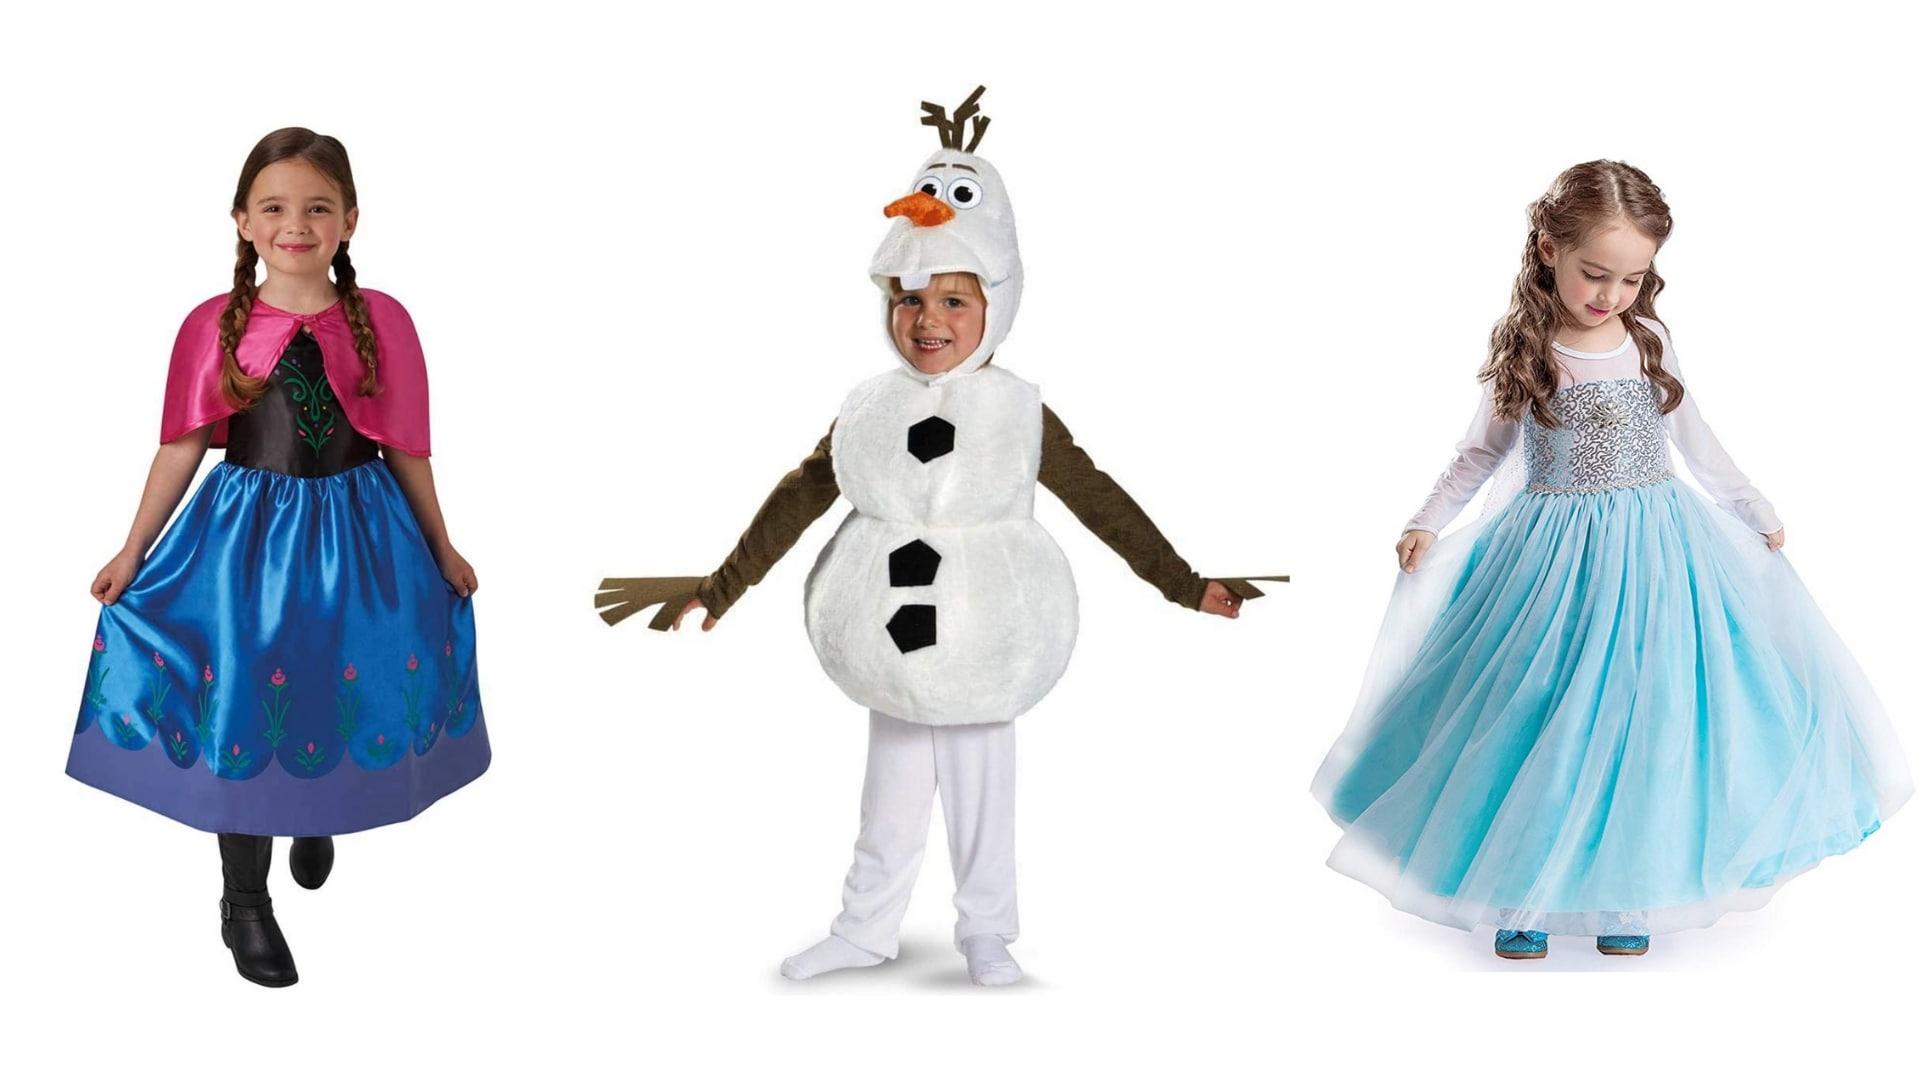 Kostüme von Frozen